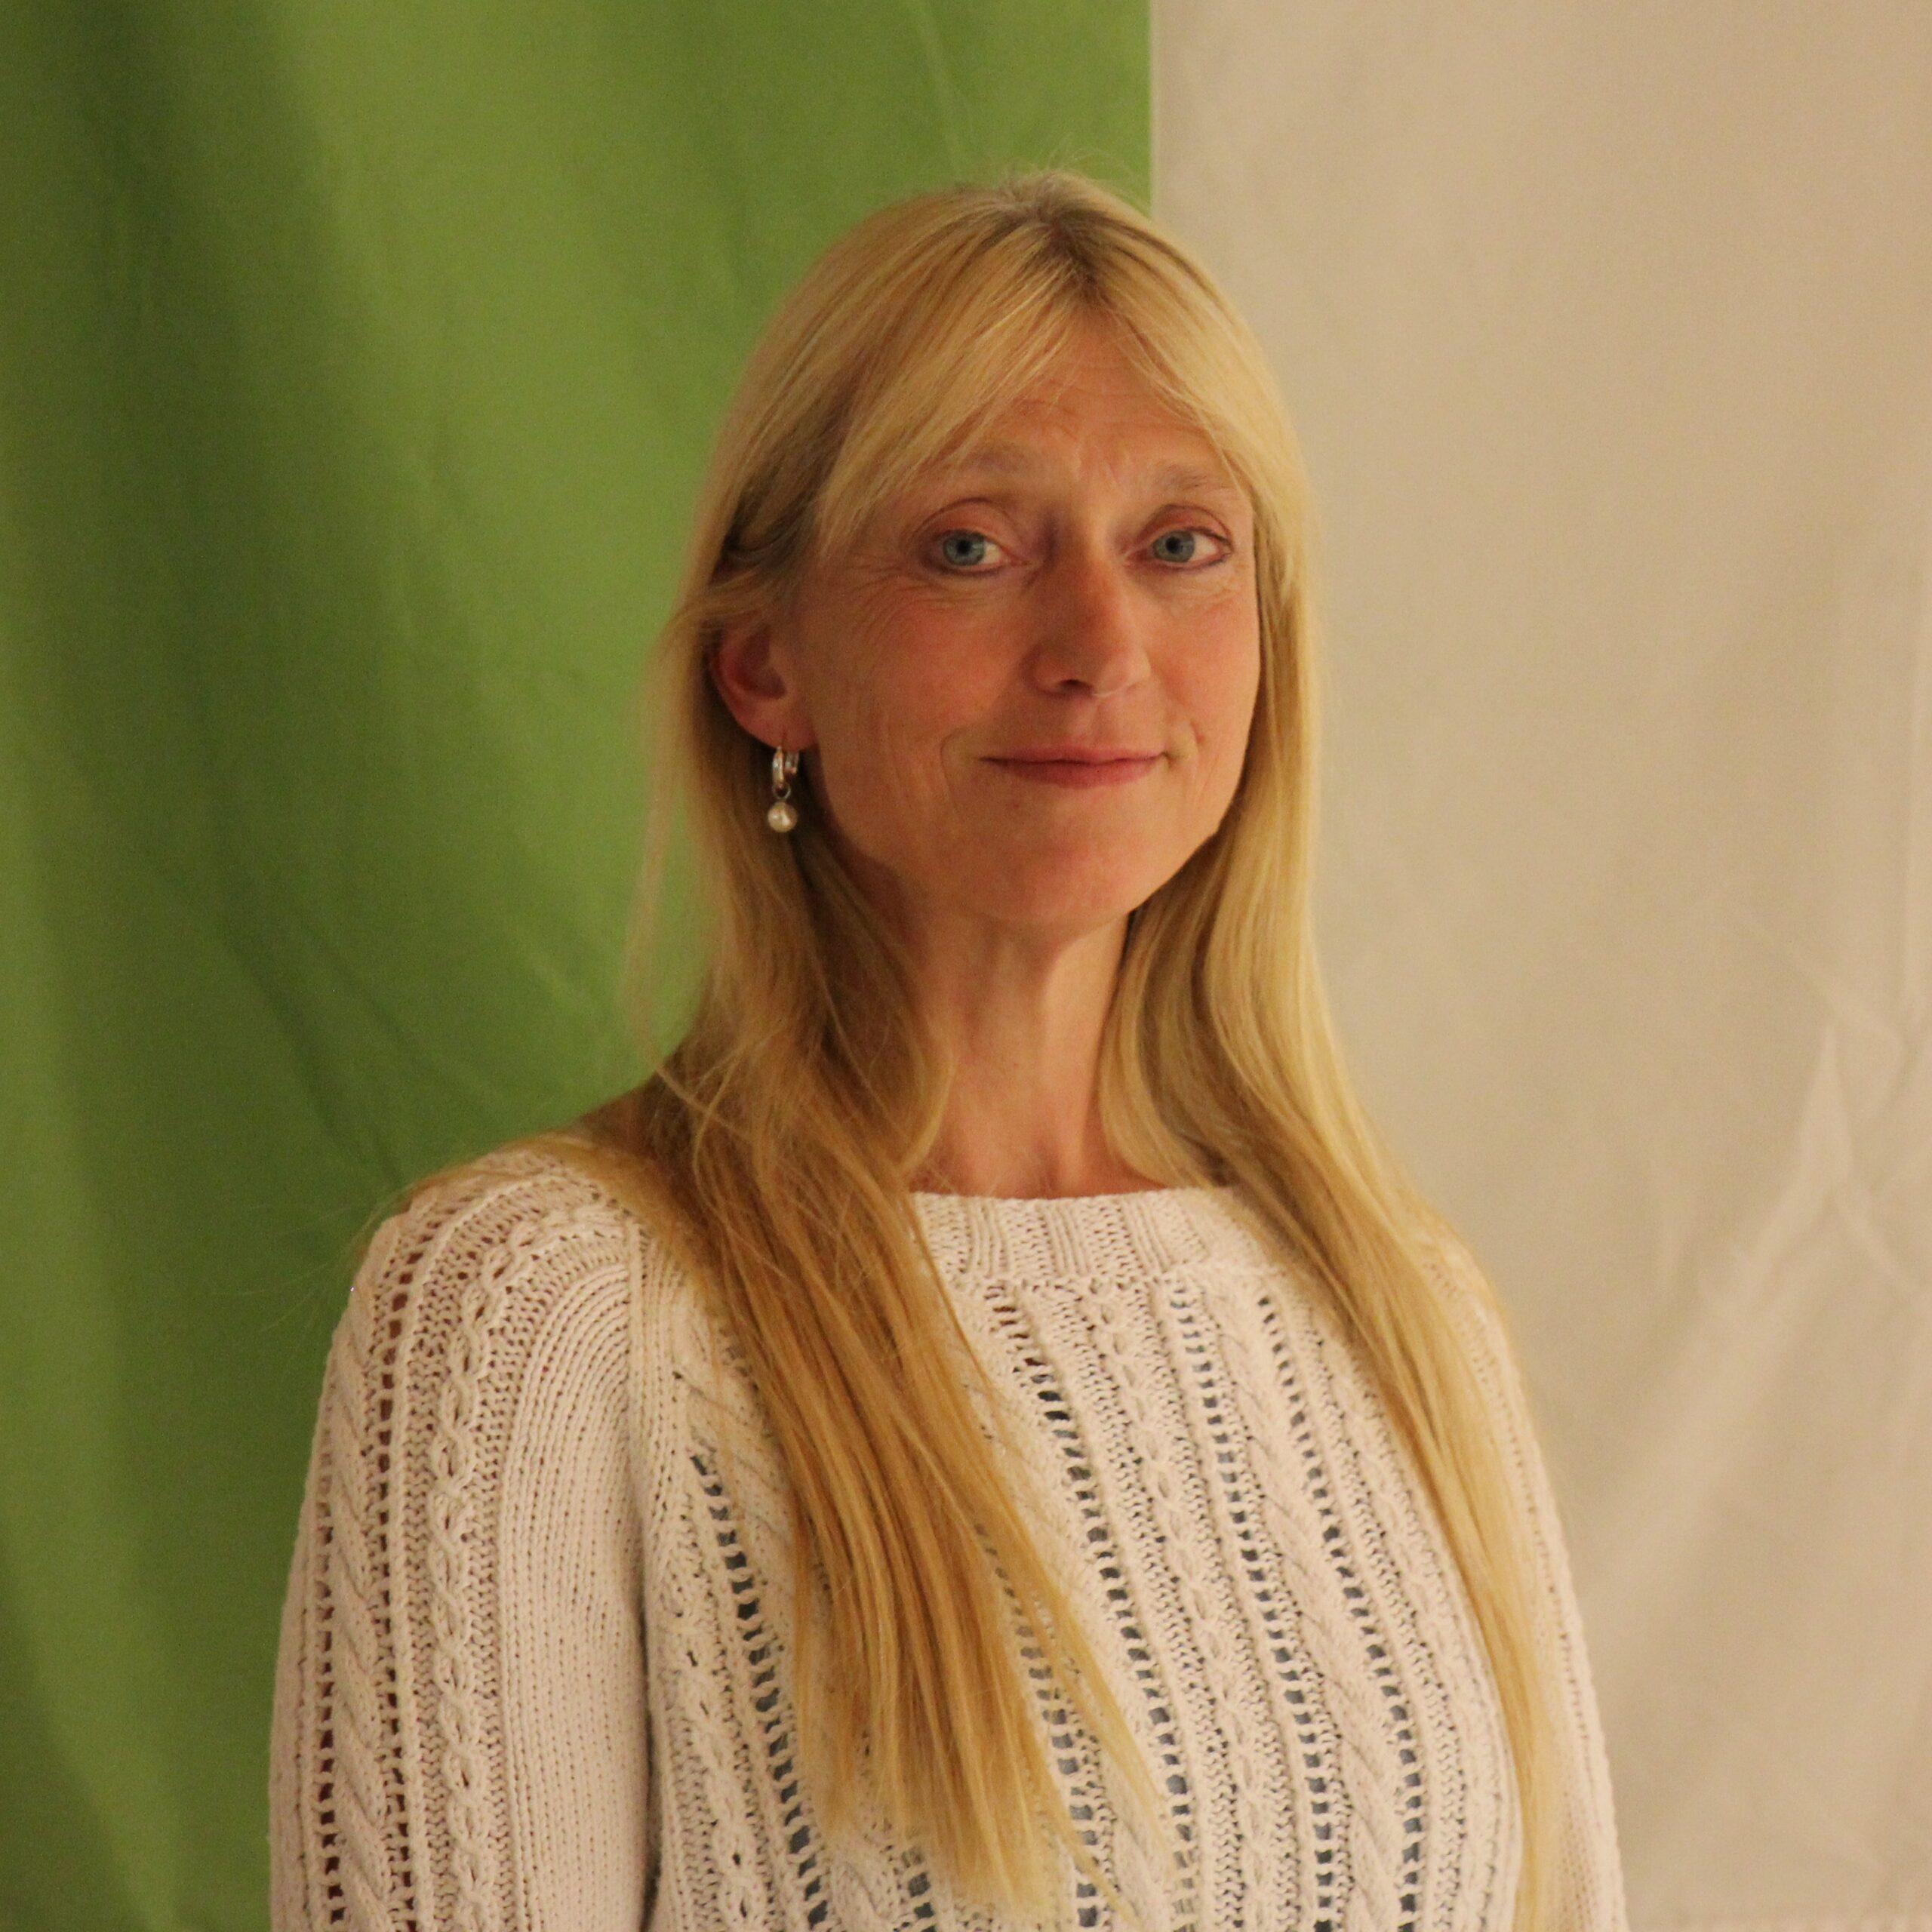 Marion Gelb